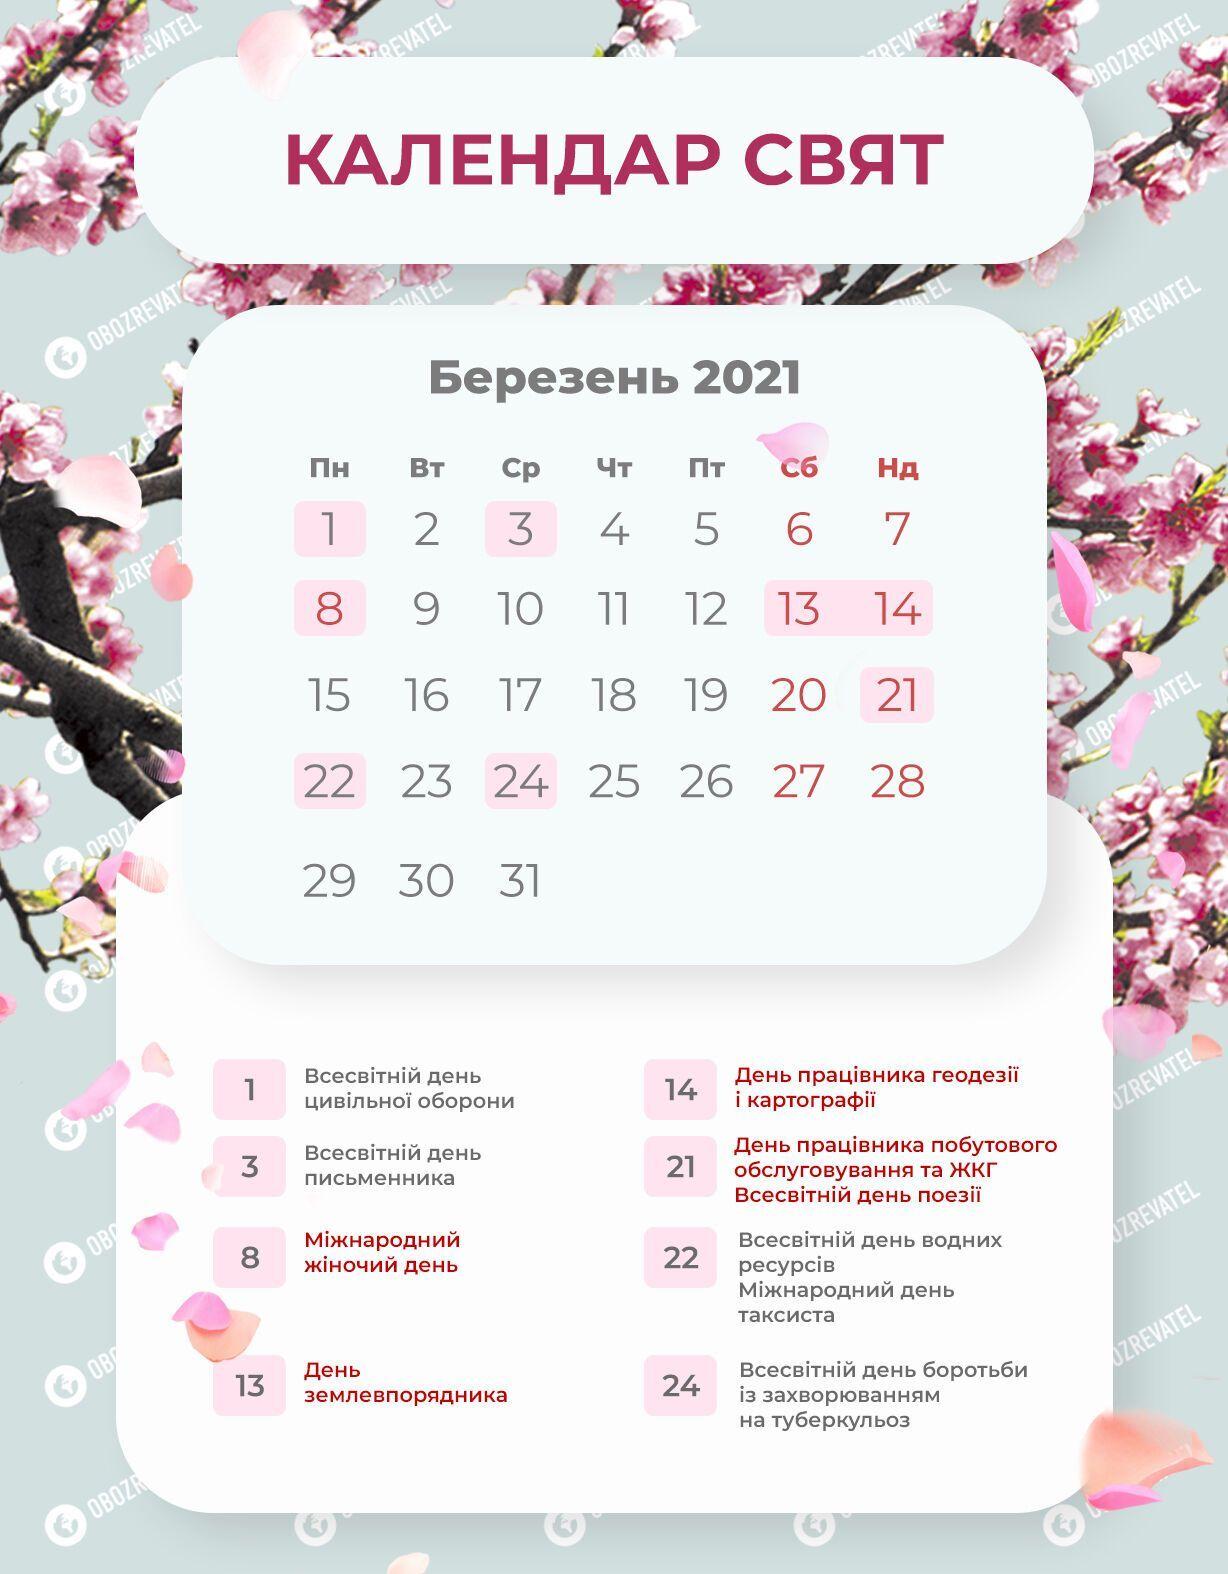 Вихідні в березні 2021: скільки будуть відпочивати в Україні